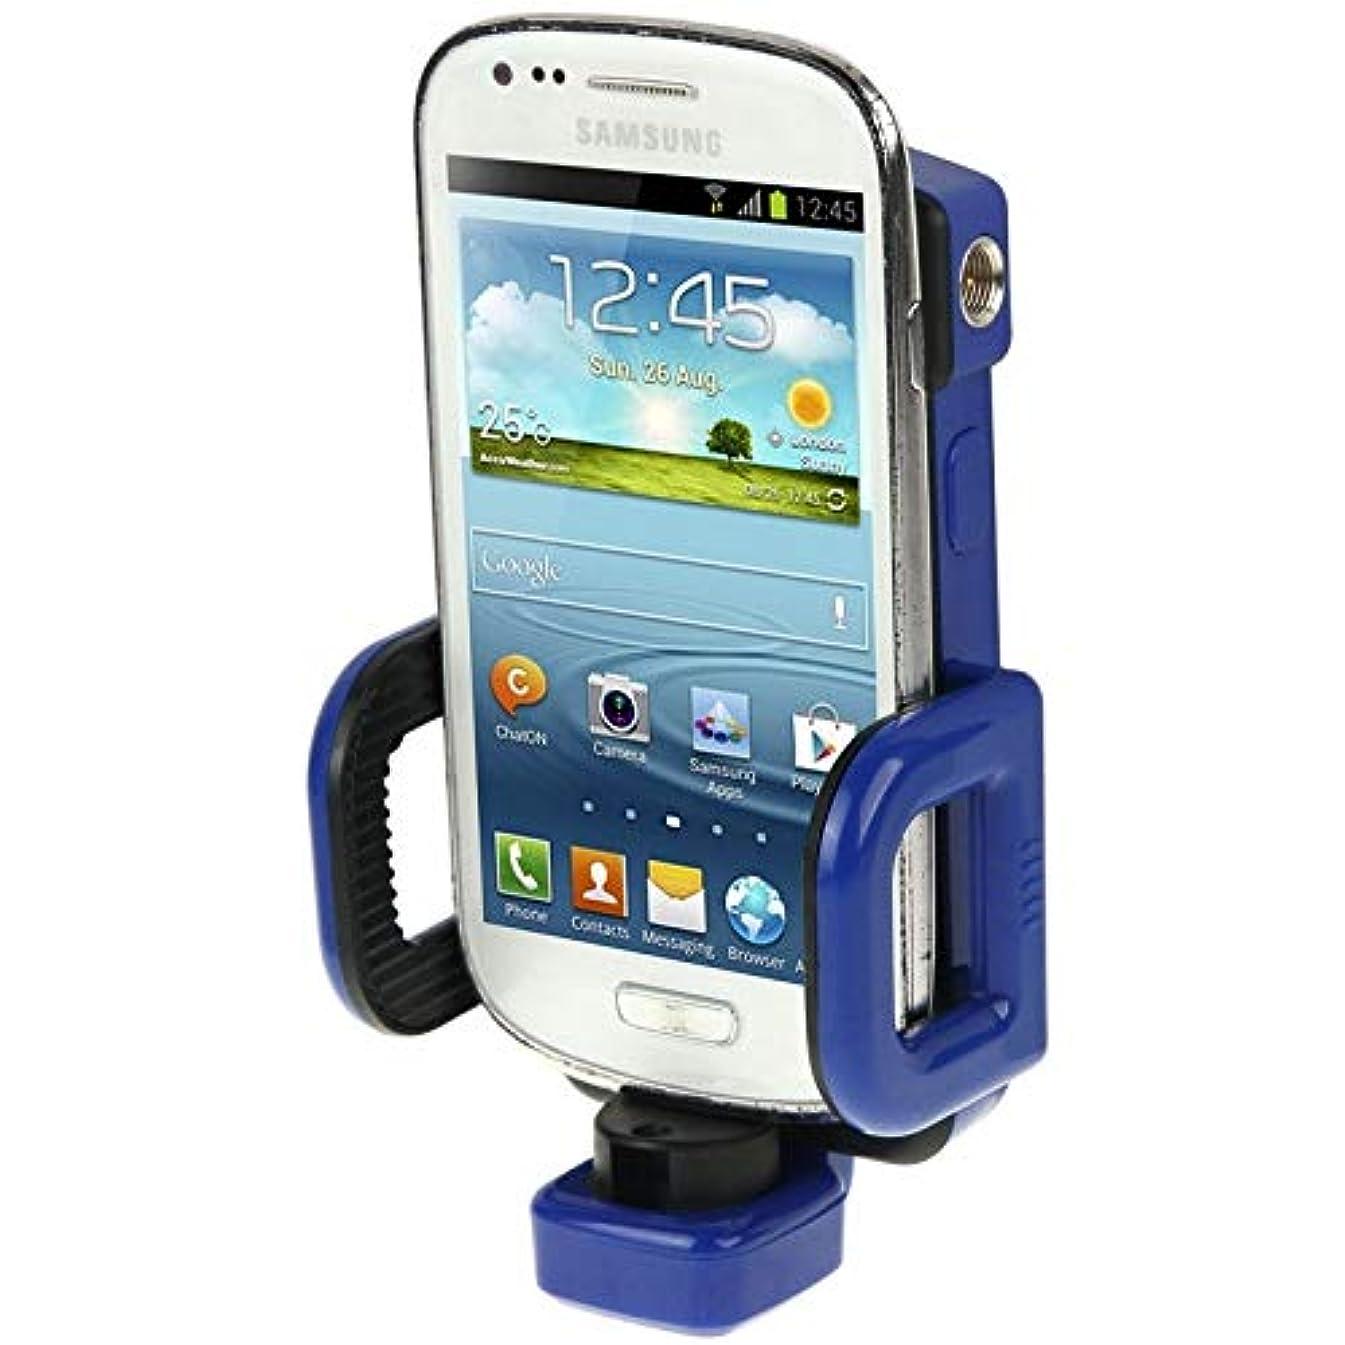 タンカー弾力性のある読むWTYD Wifiアンテナ 3G / GSM/CDMAアンテナカプラーユニバーサル携帯電話ホルダー